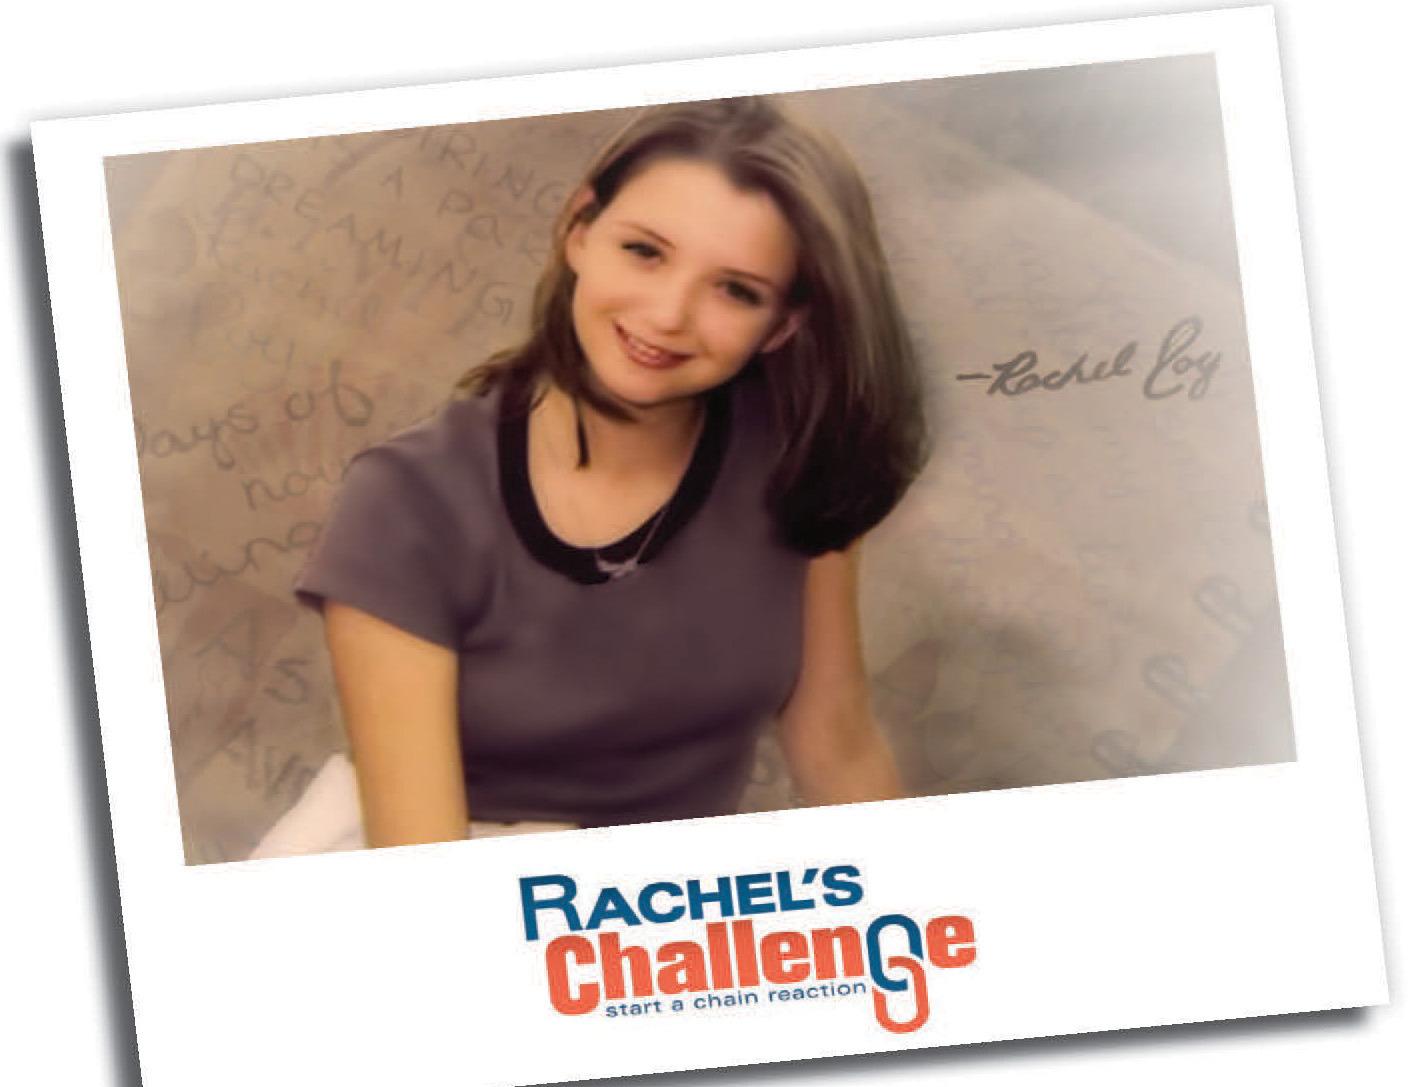 dd327c89306896120e6c_Rachel_s_Challenge-_copy.jpg